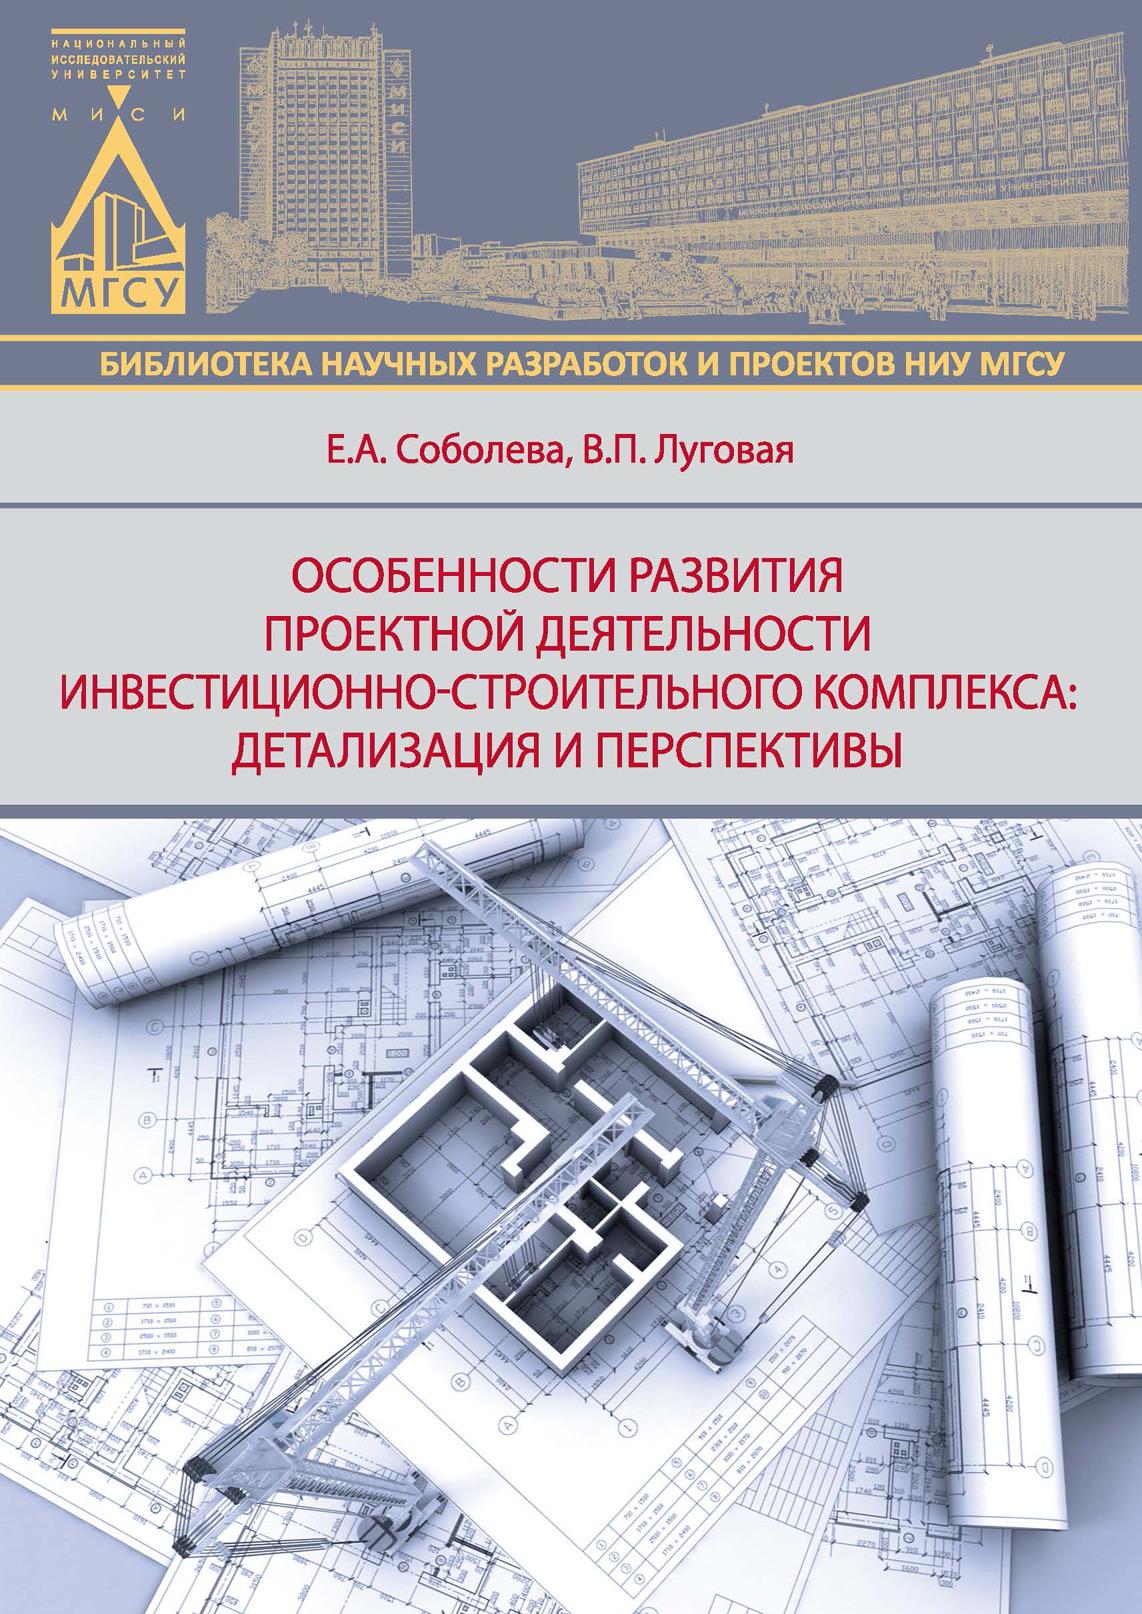 Е. А. Соболева Особенности развития деятельности инвестиционно-строительного комплекса: детализация и перспективы